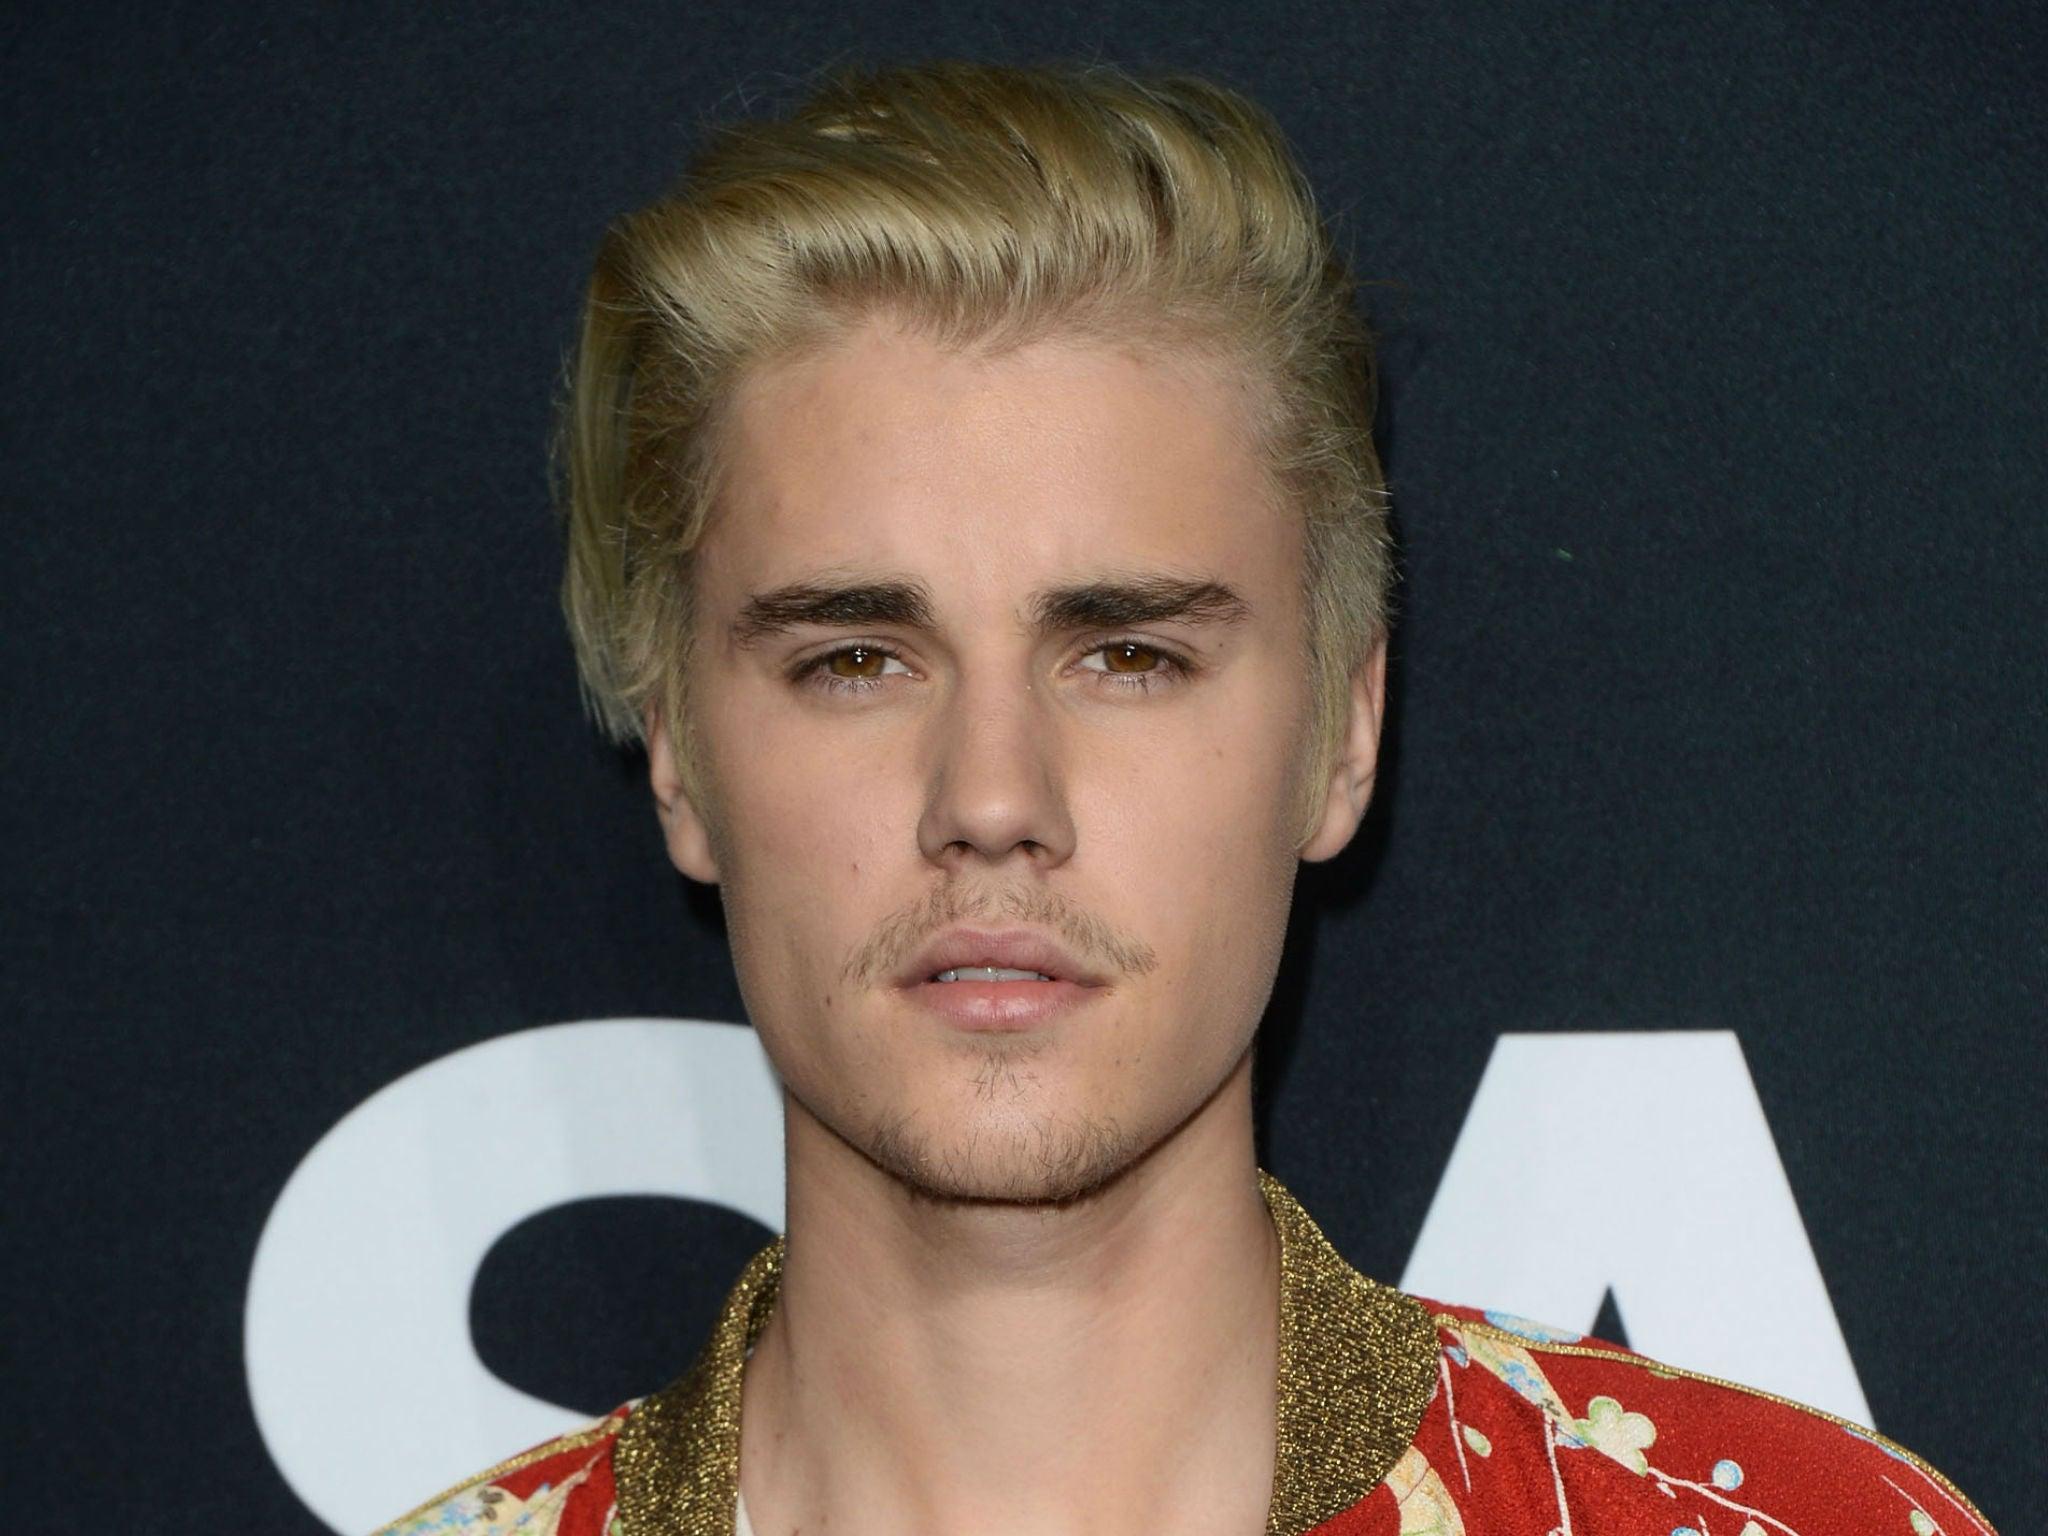 Джастин бибер фото новая причёска